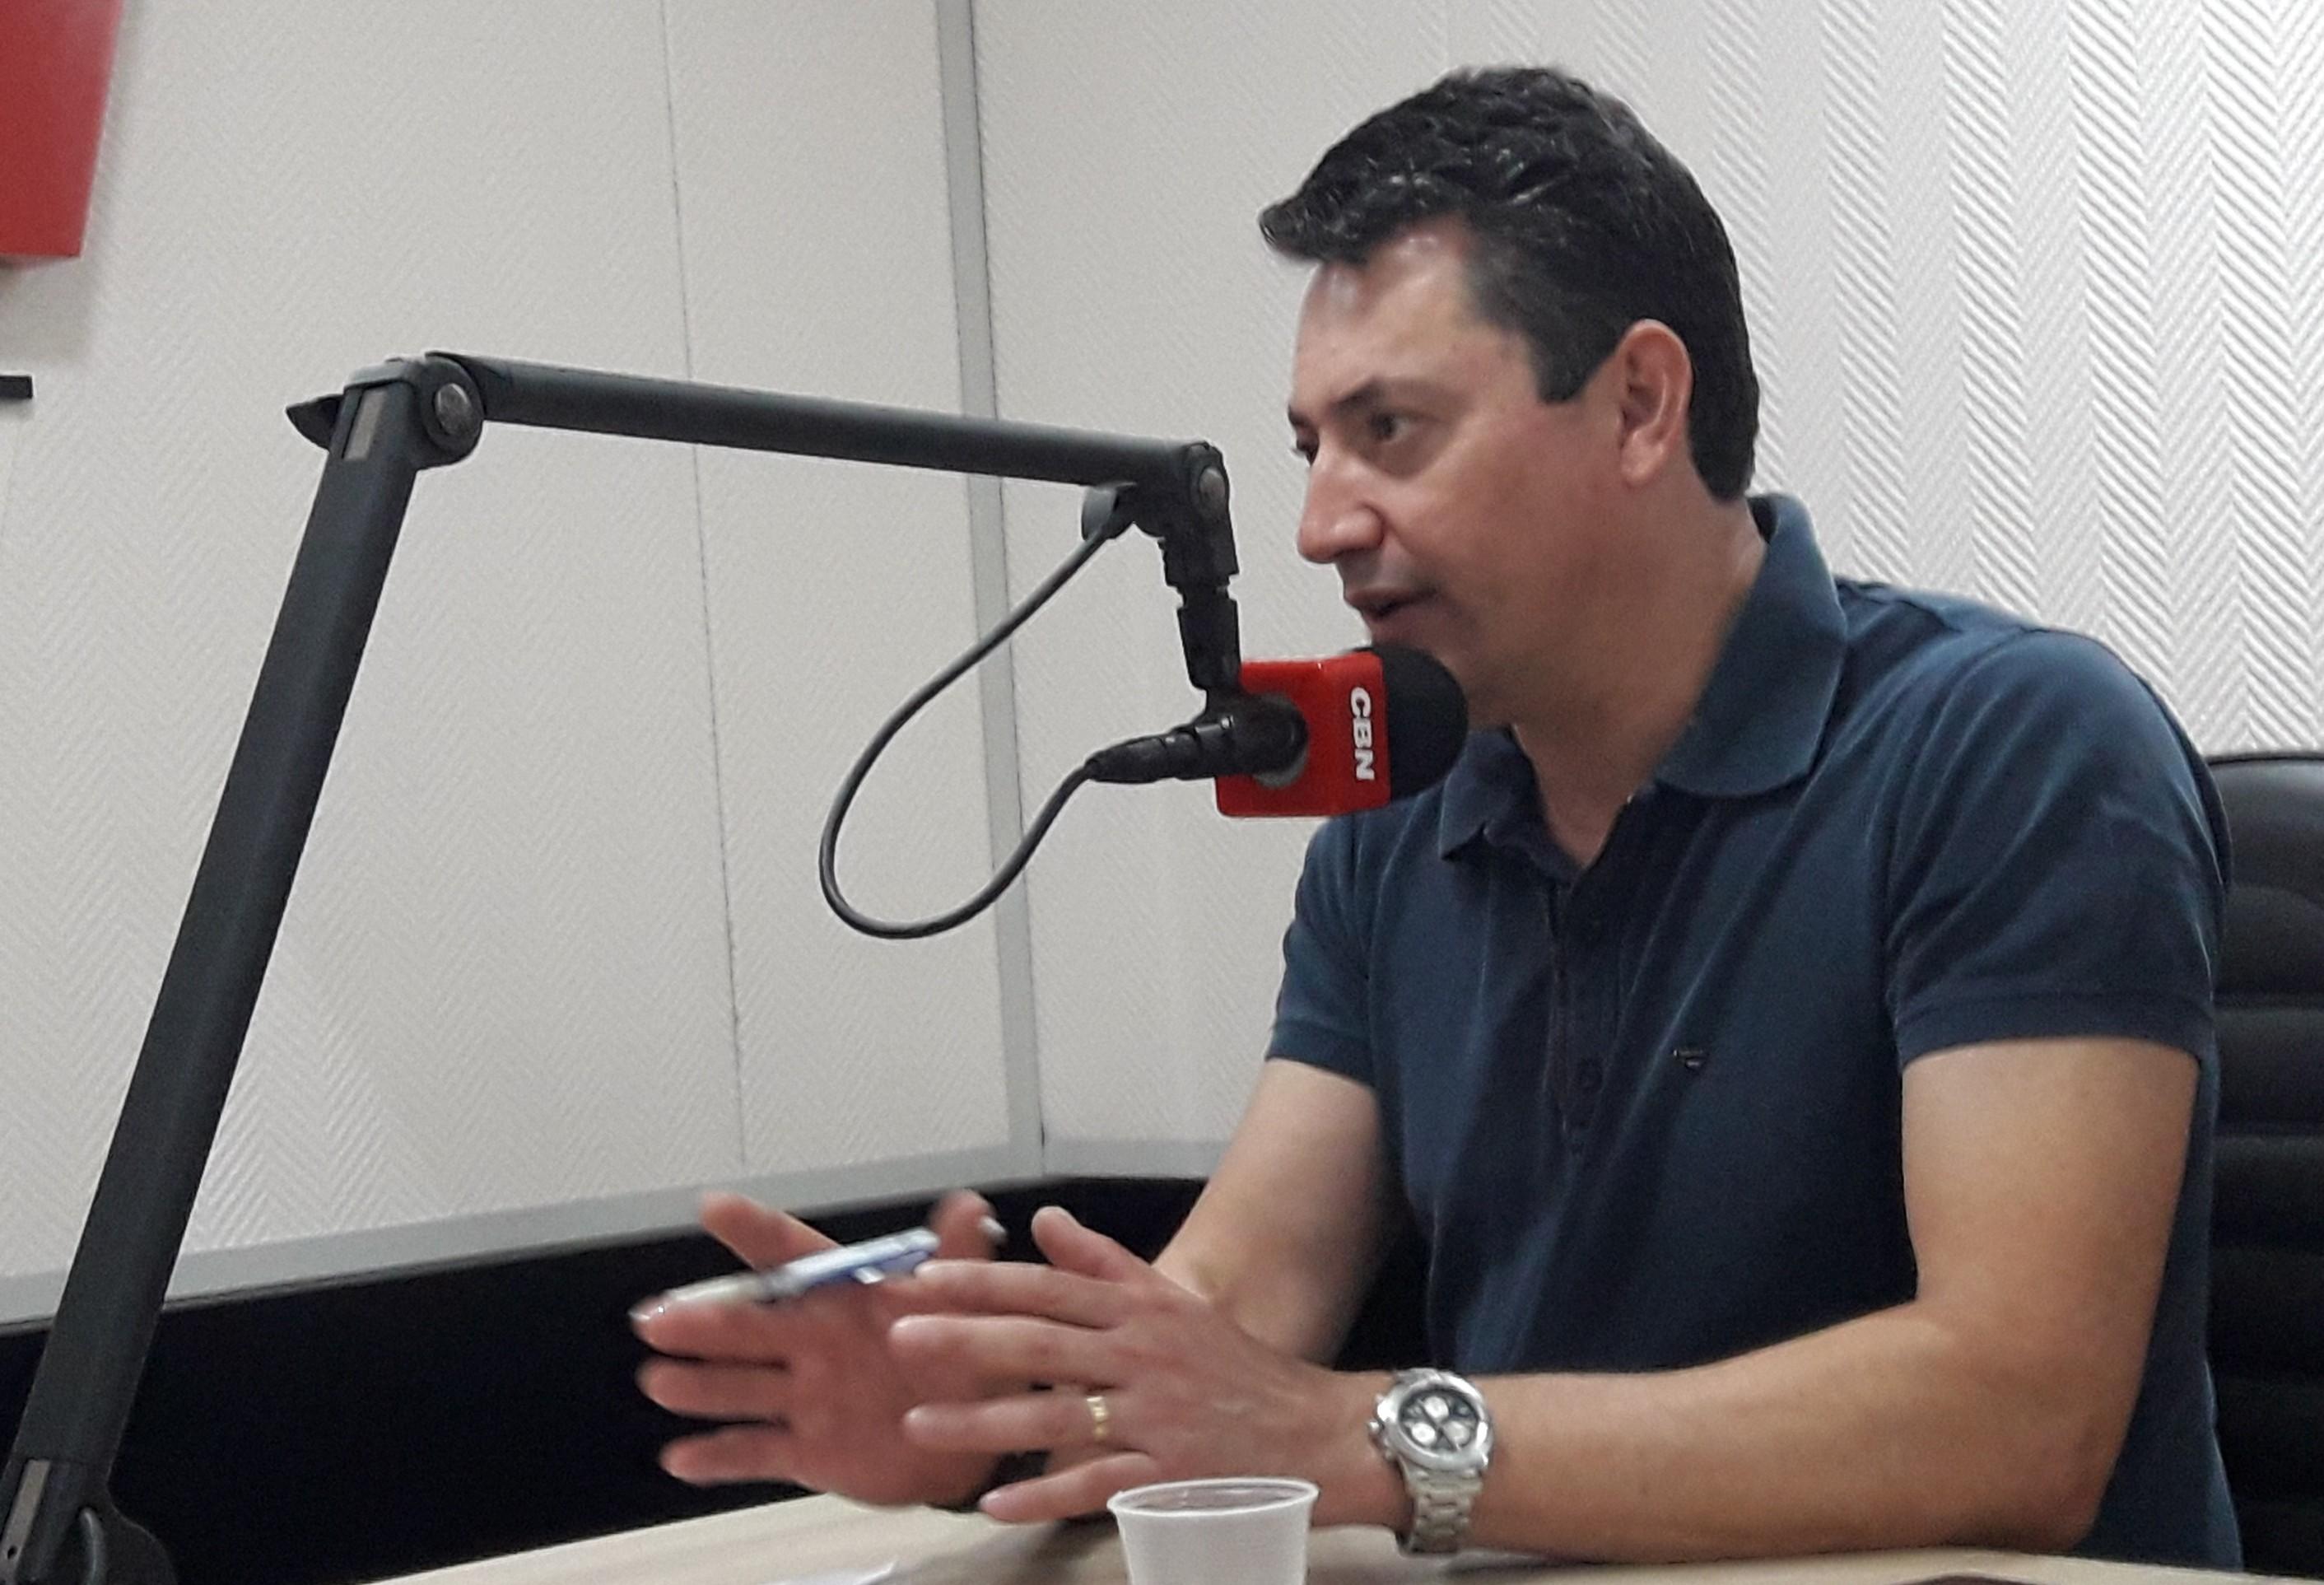 País poderia reduzir em 80% o custo da produção agrícola, afirma deputado